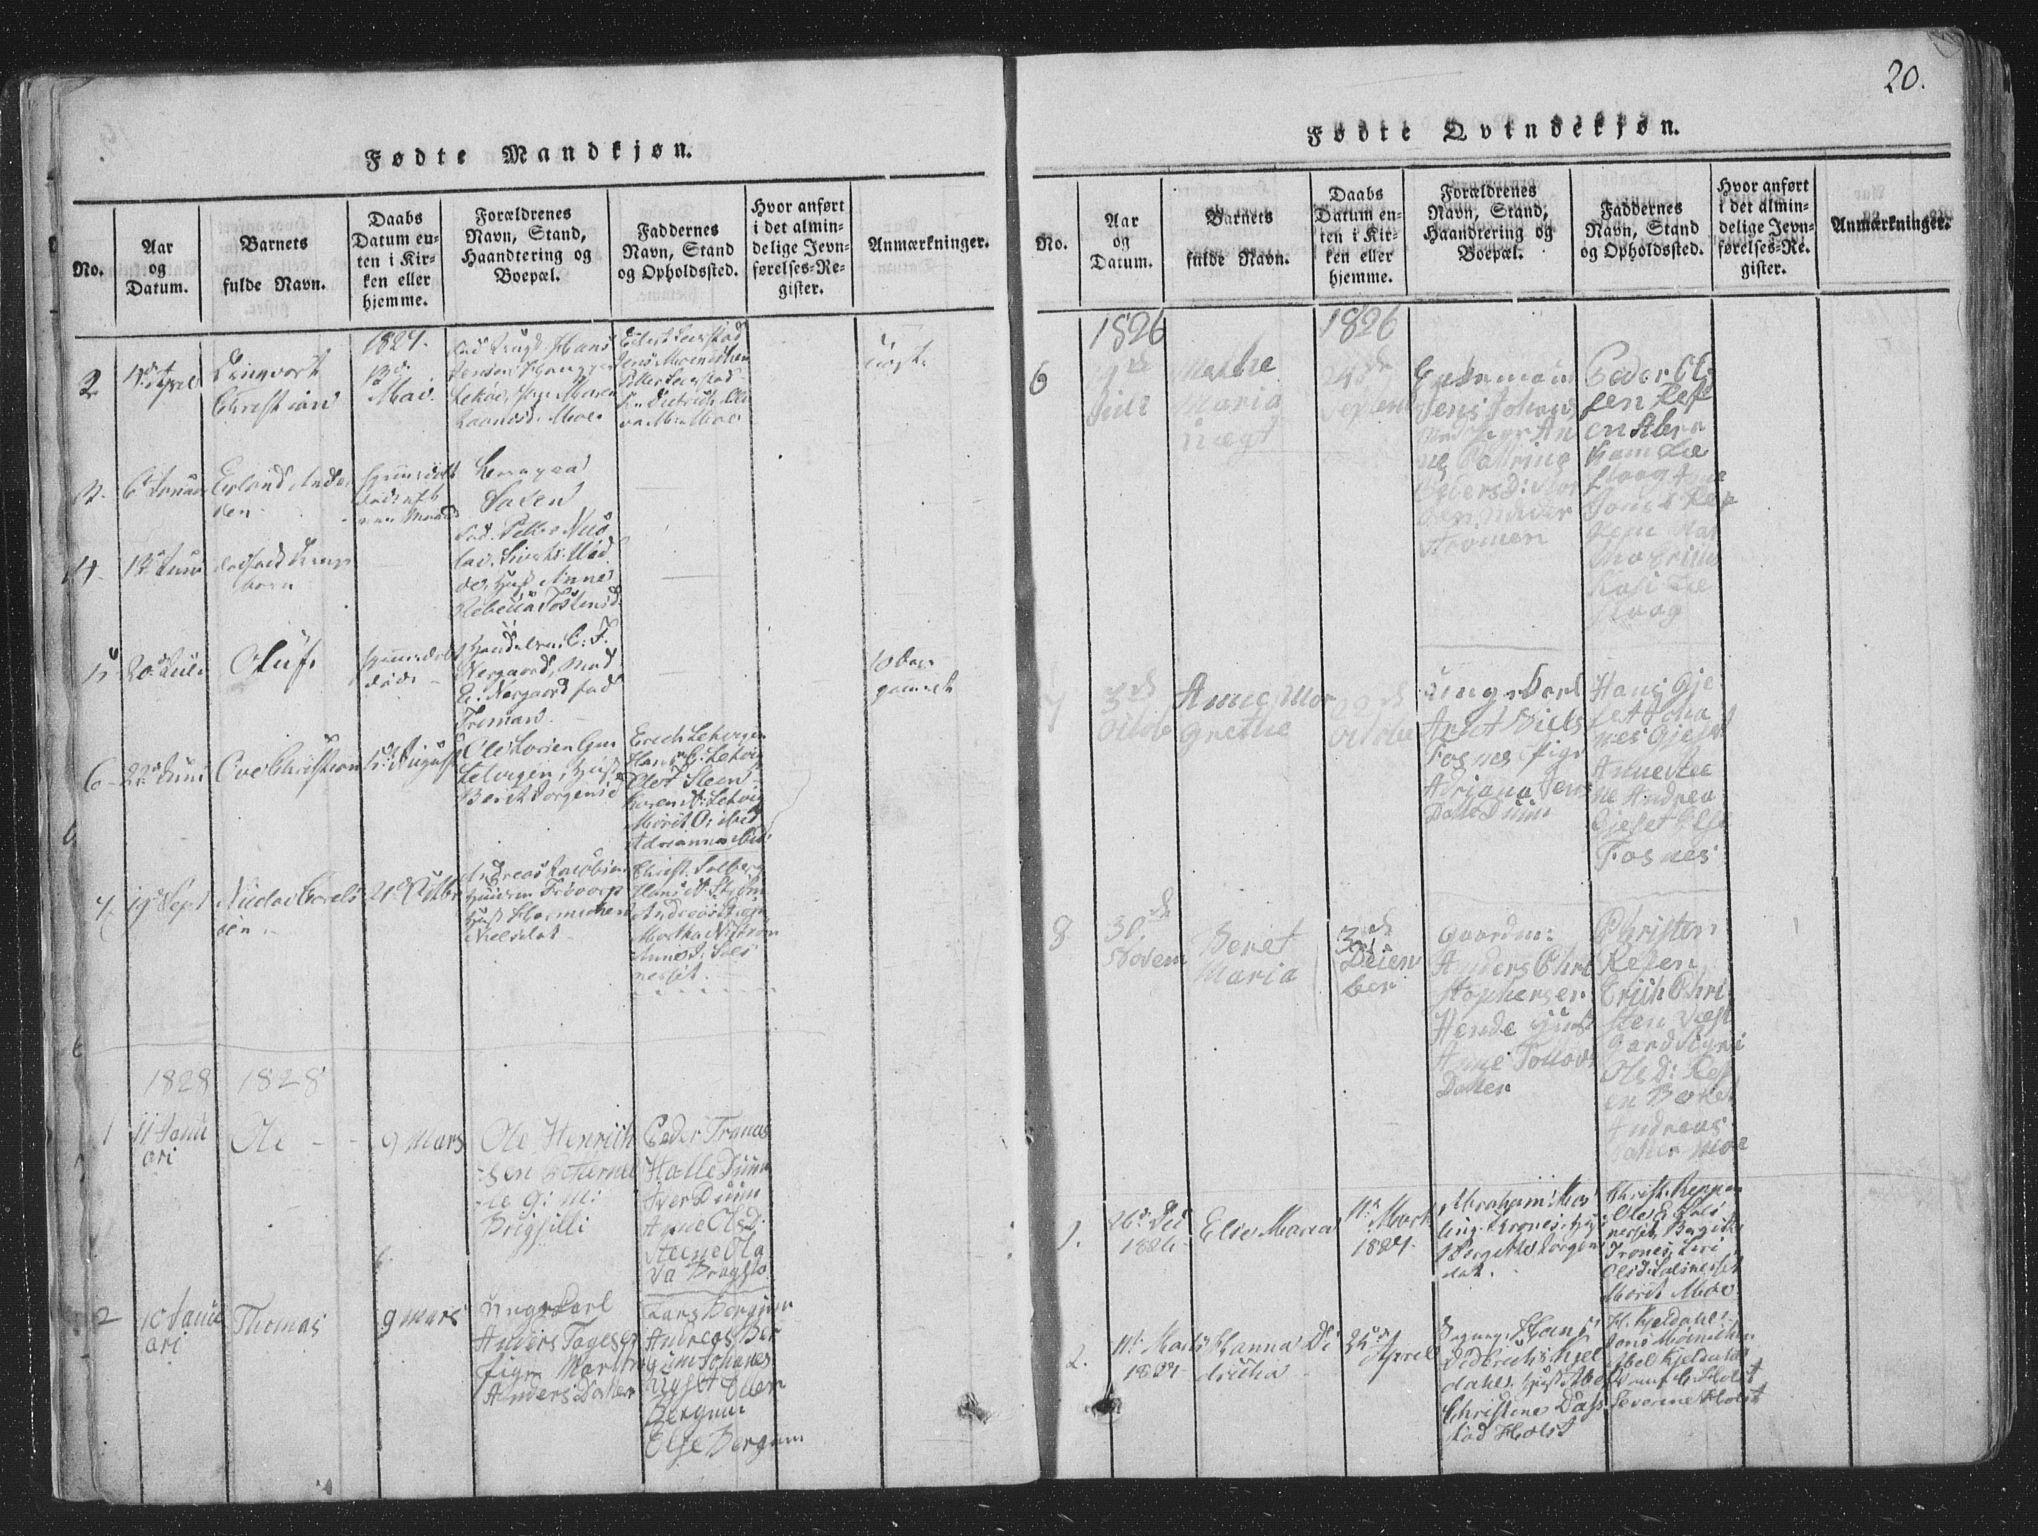 SAT, Ministerialprotokoller, klokkerbøker og fødselsregistre - Nord-Trøndelag, 773/L0613: Ministerialbok nr. 773A04, 1815-1845, s. 20